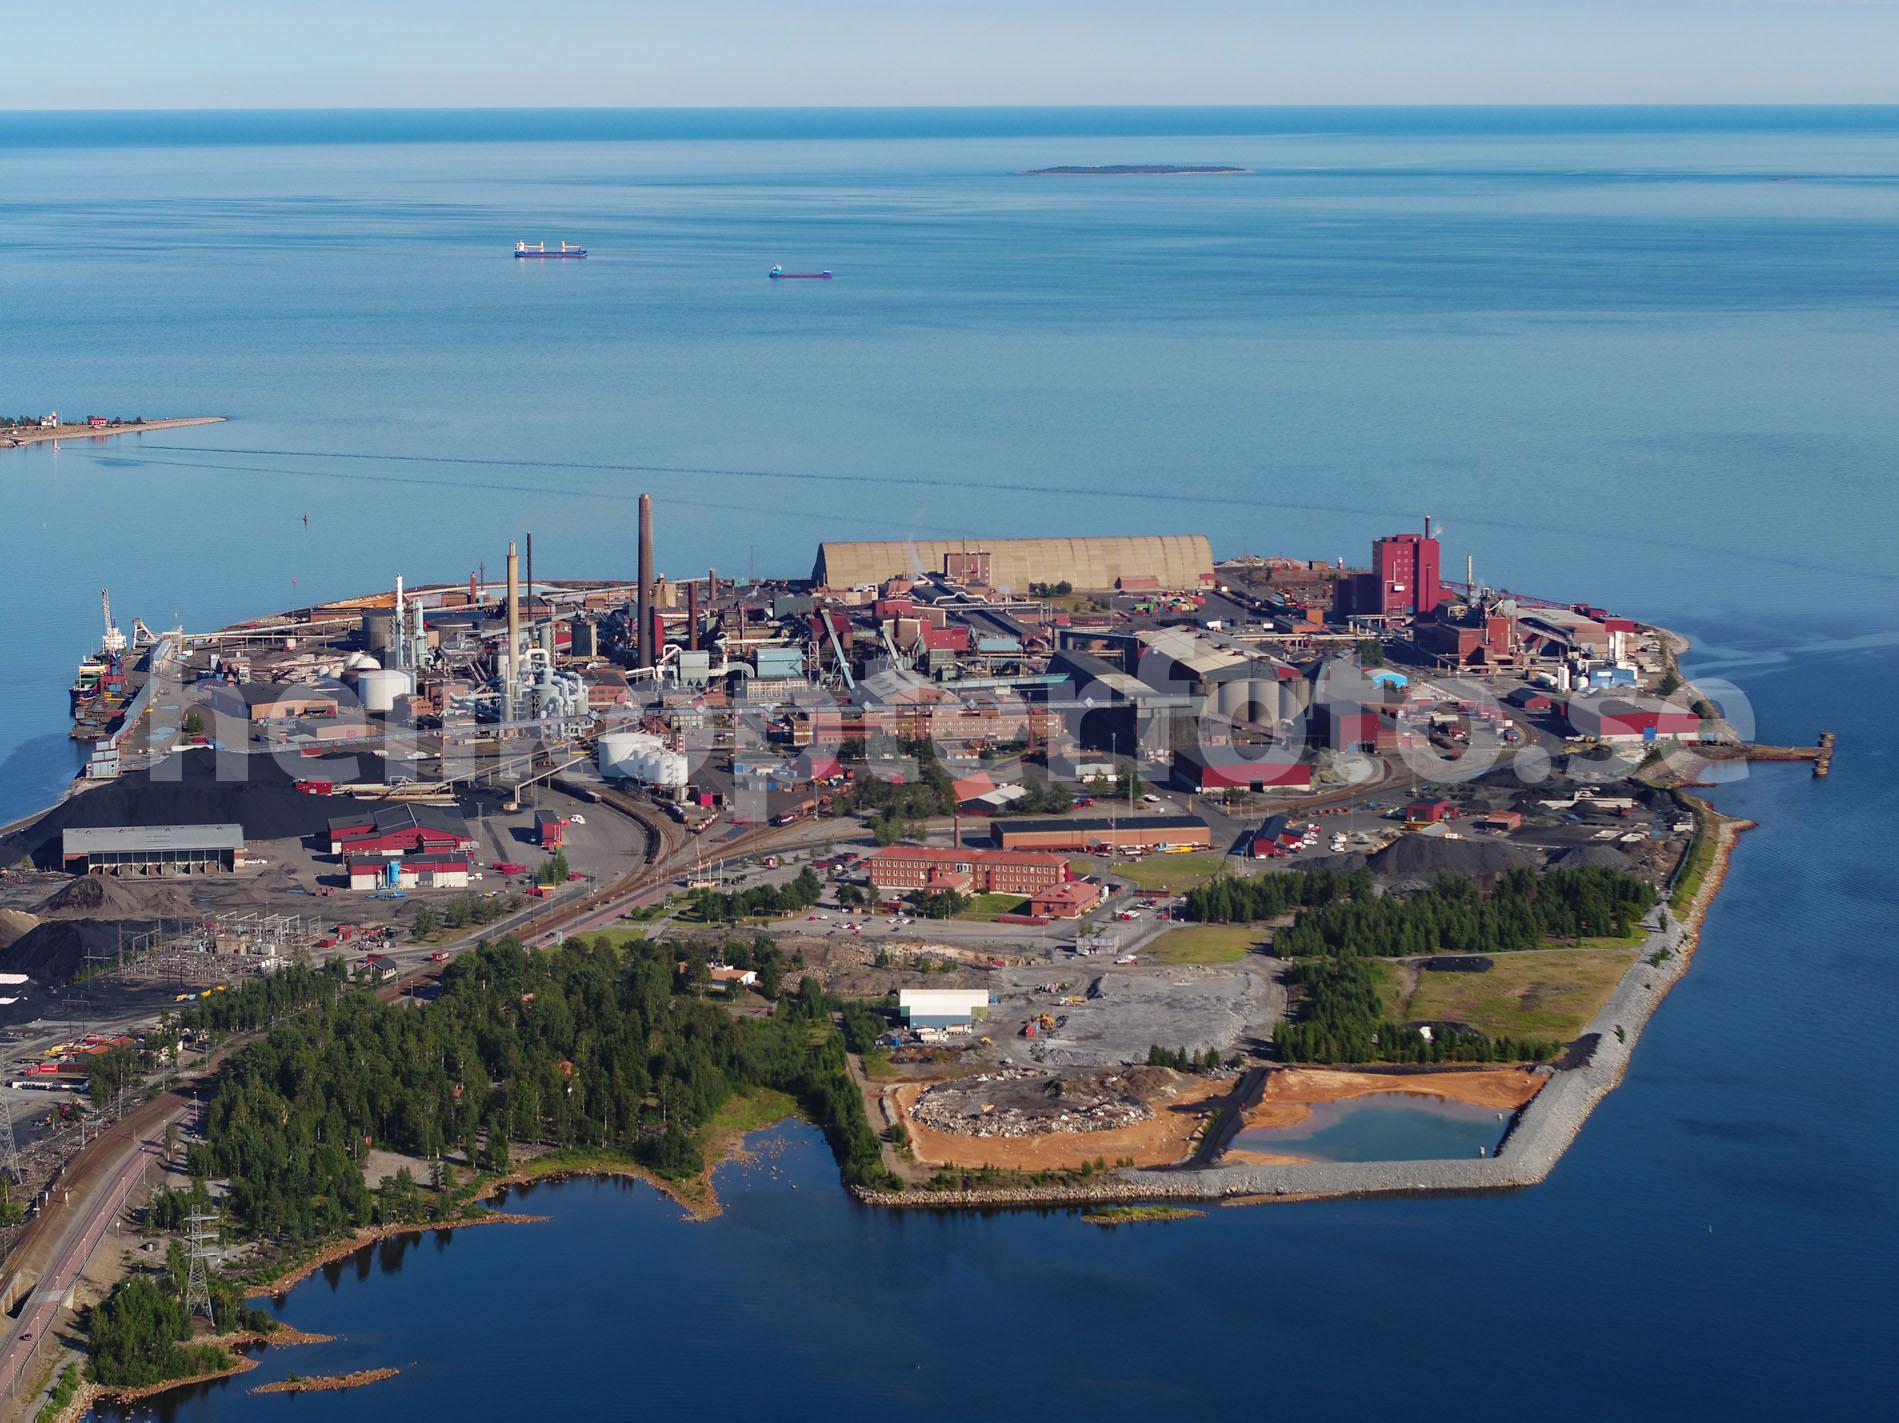 Flygbild av Bolidens smältverk i Skelleftehamn